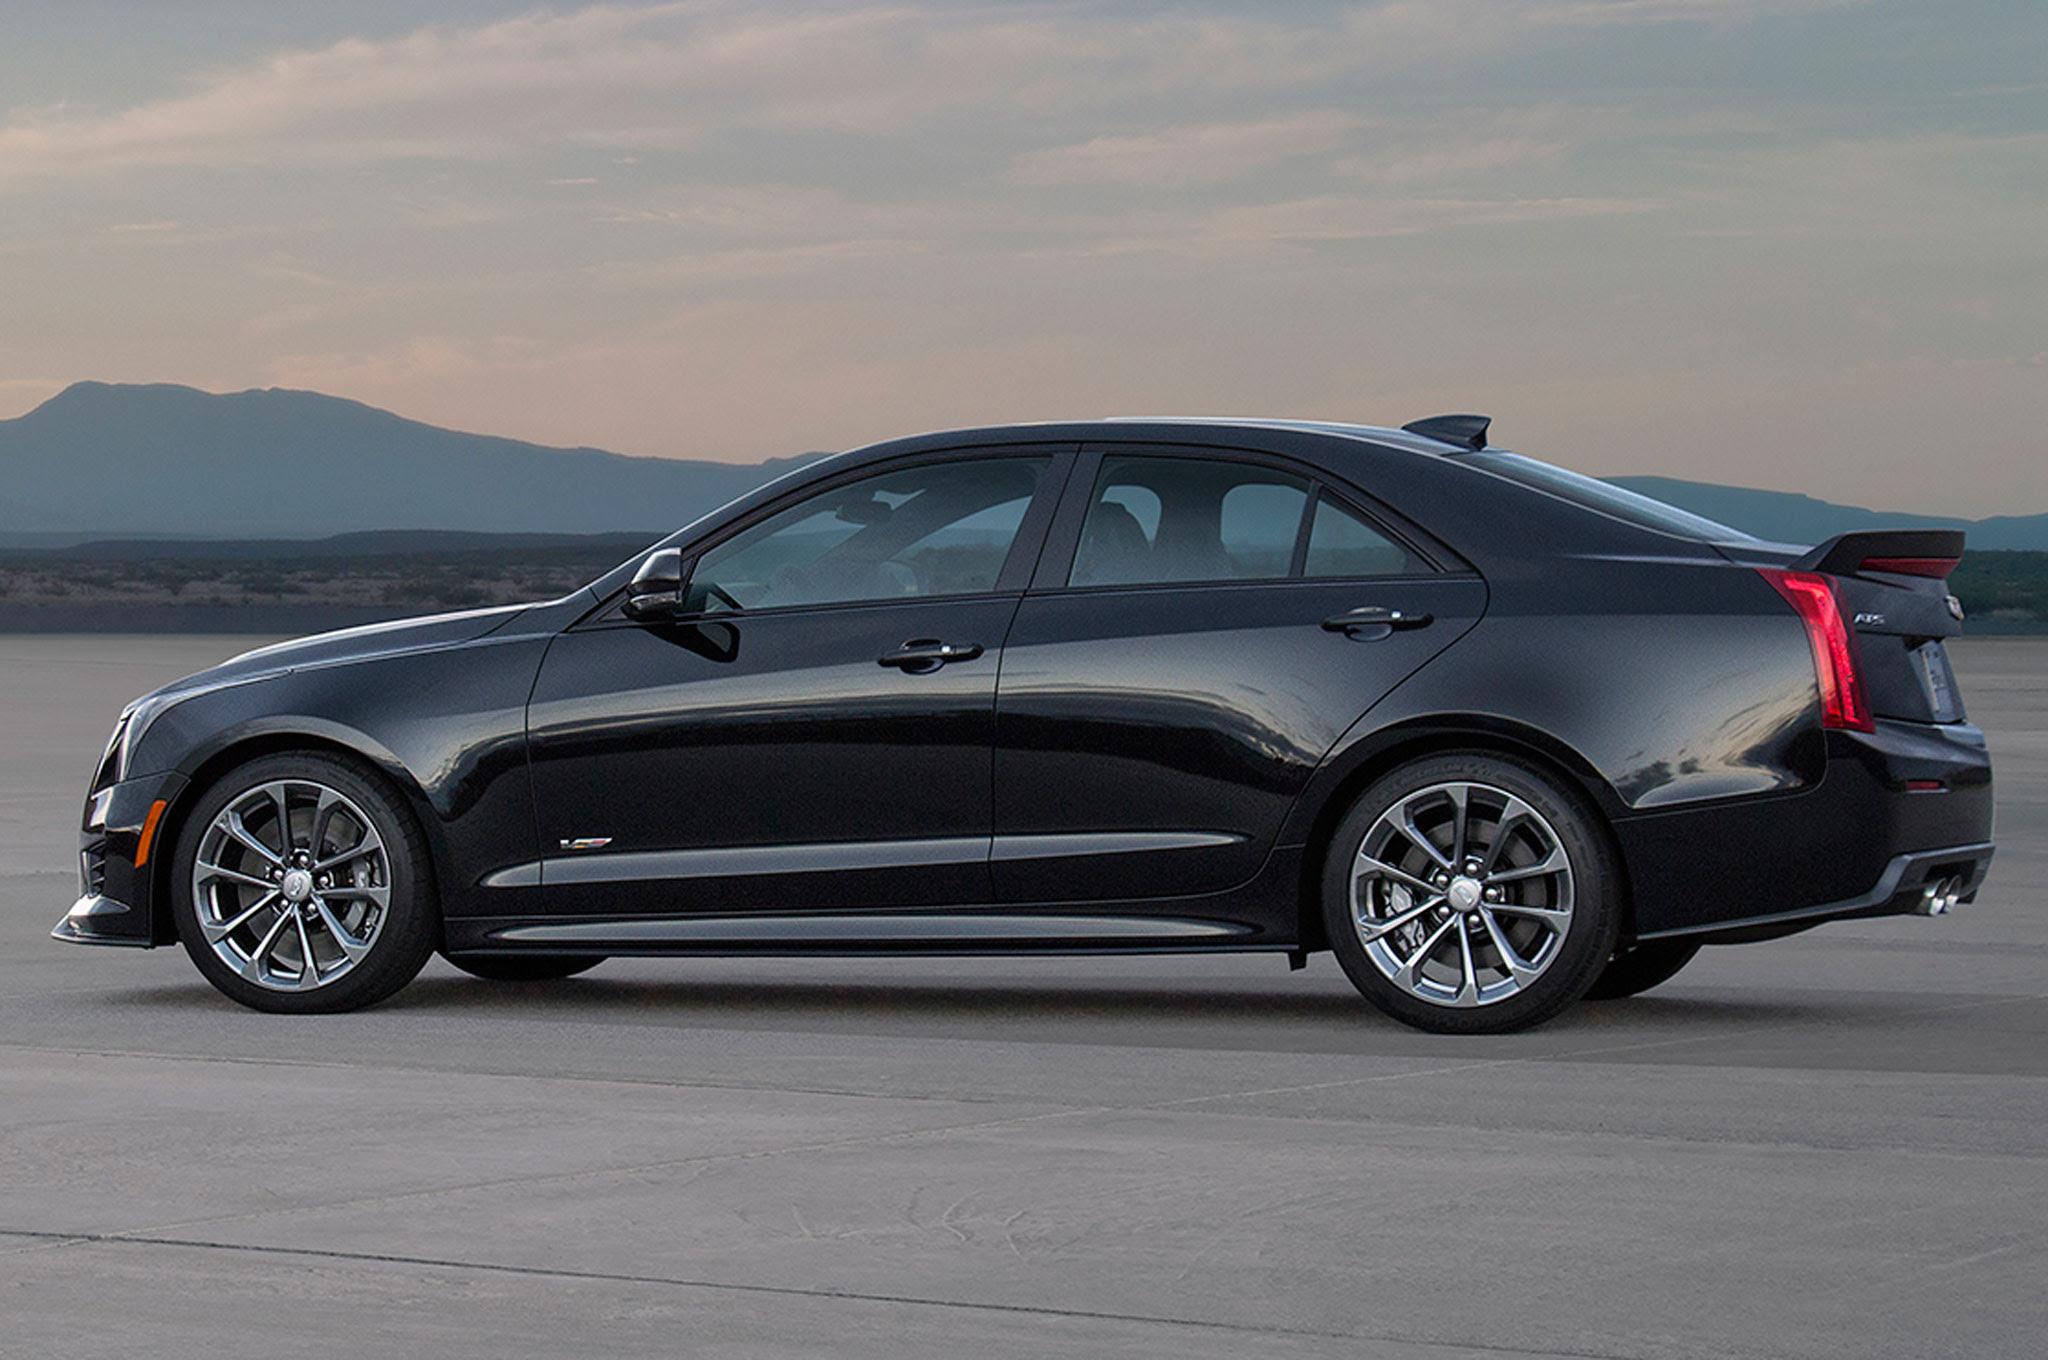 2016 Cadillac ATS-V Horsepower SAE-Rated at 464 HP